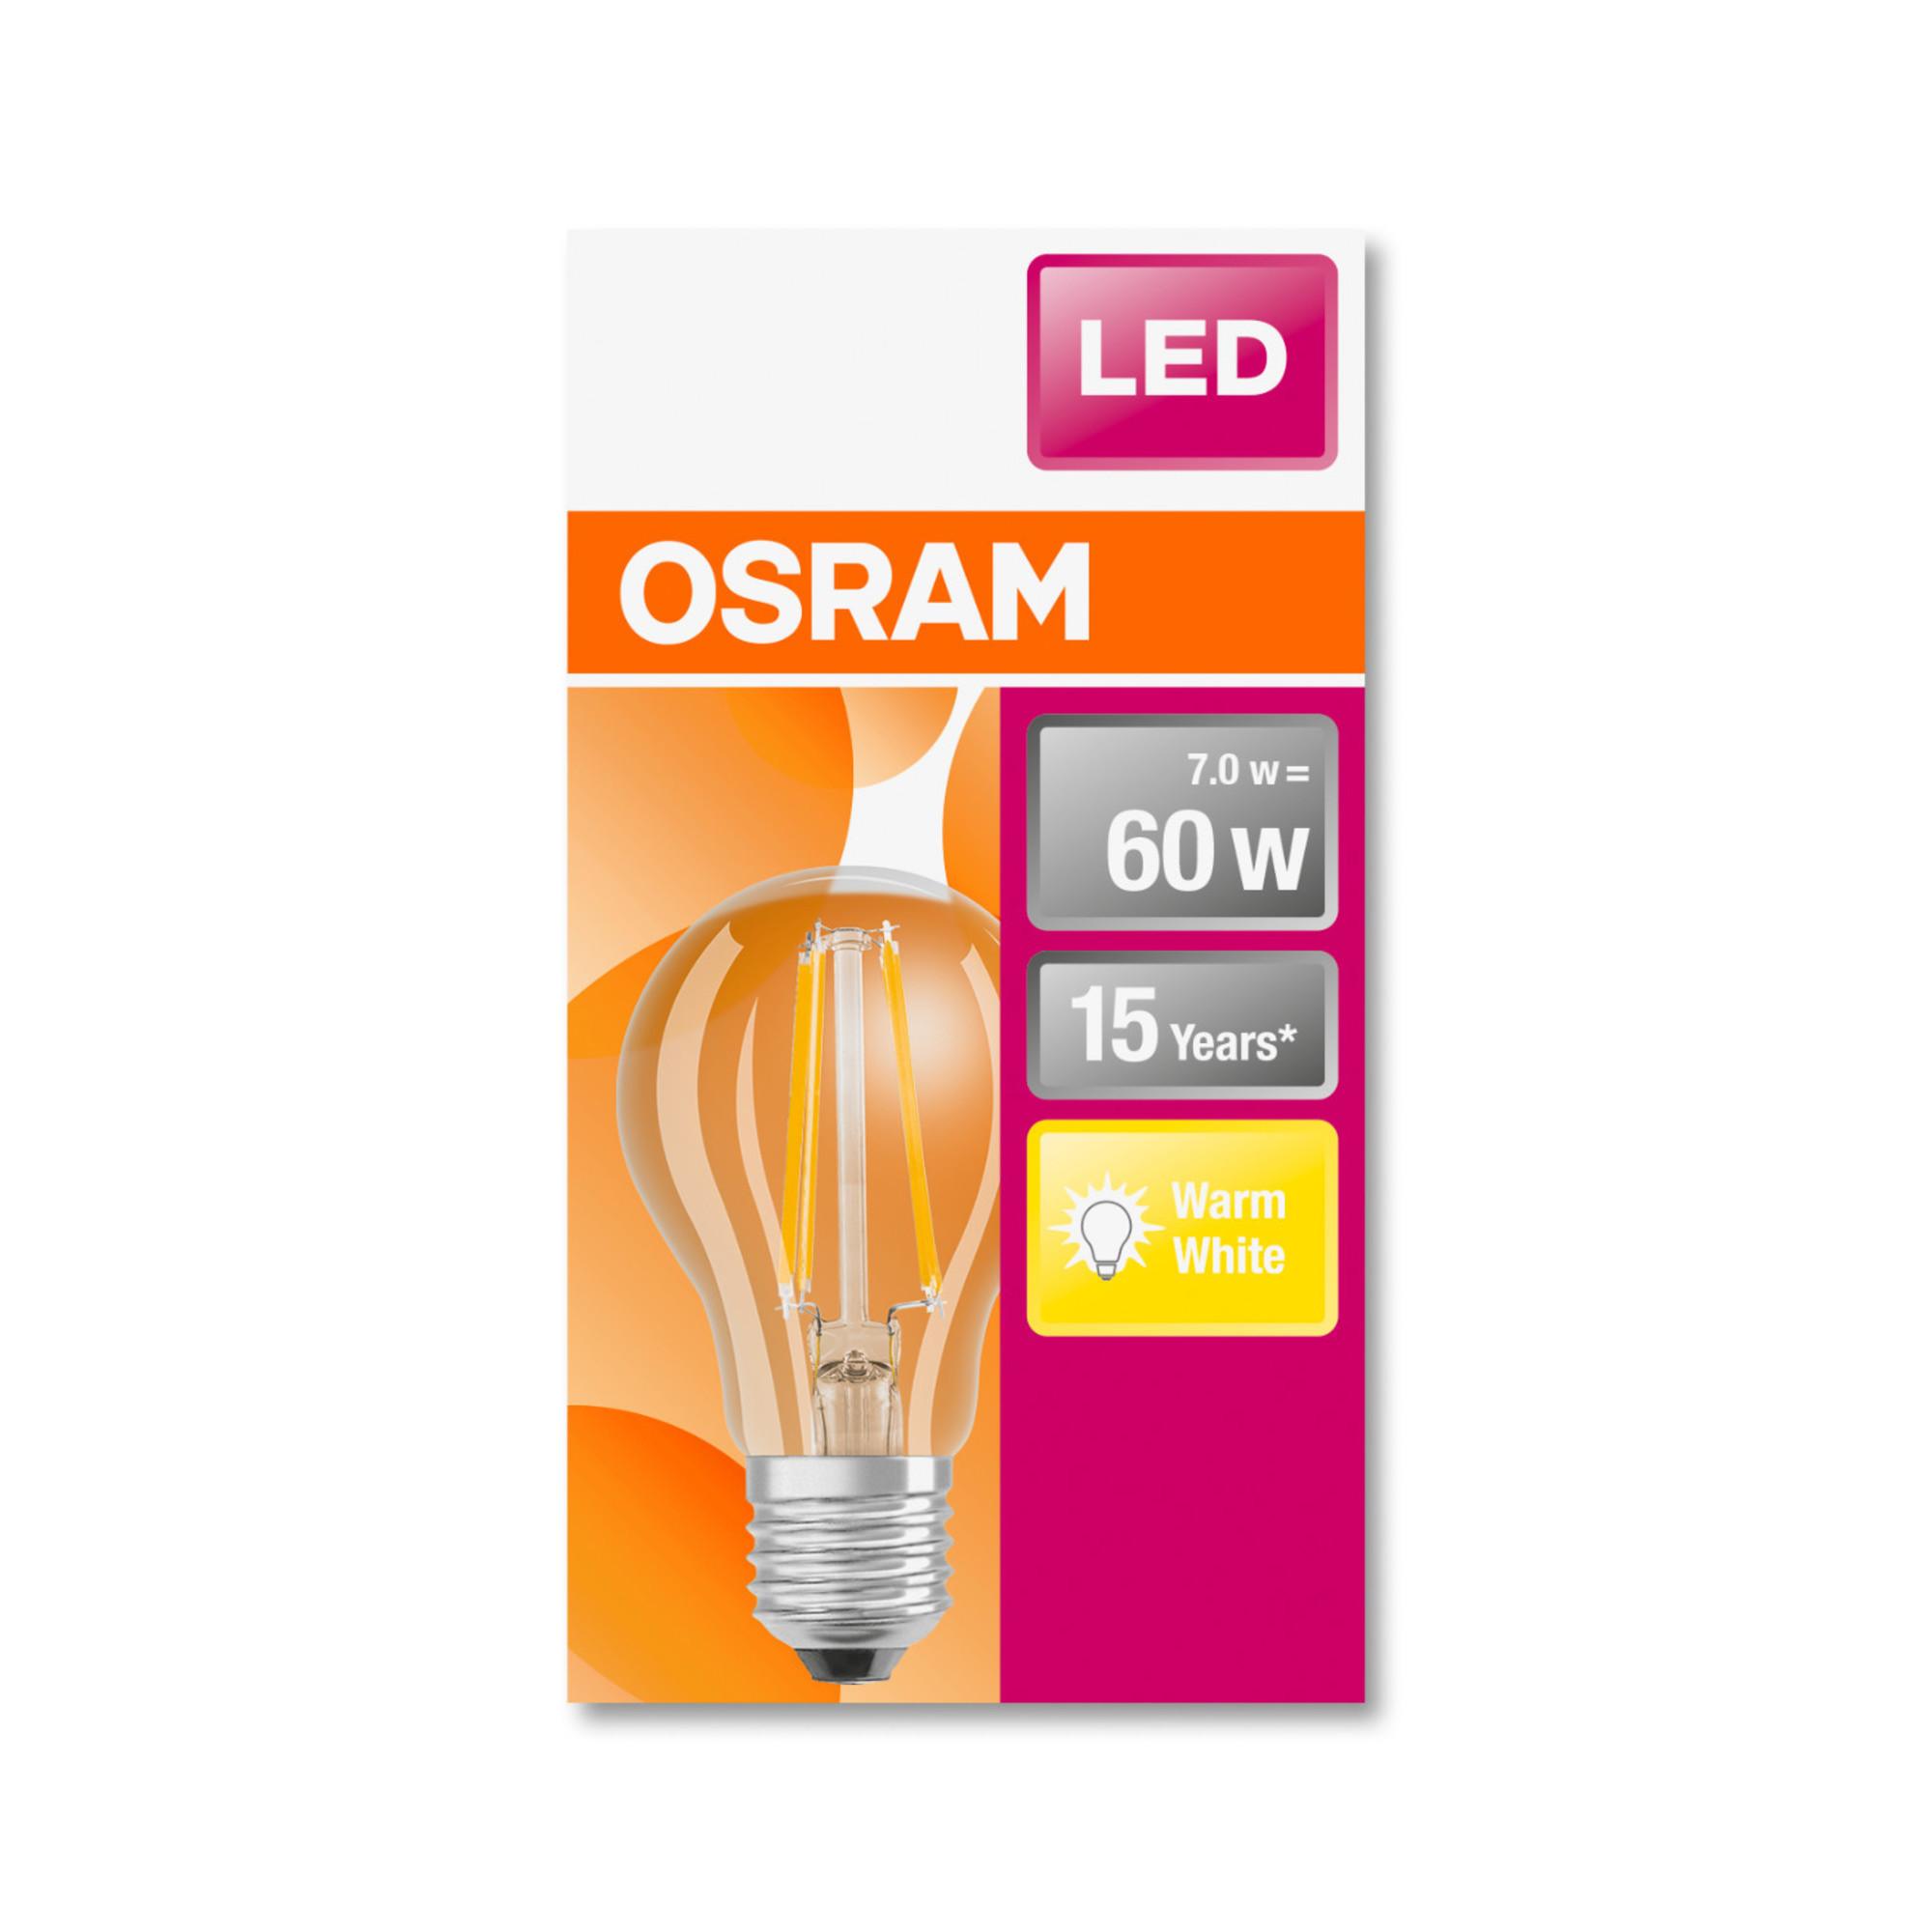 Лампа светодиодная Osram E27 220 В 7 Вт груша прозрачная 806 лм жёлтый свет